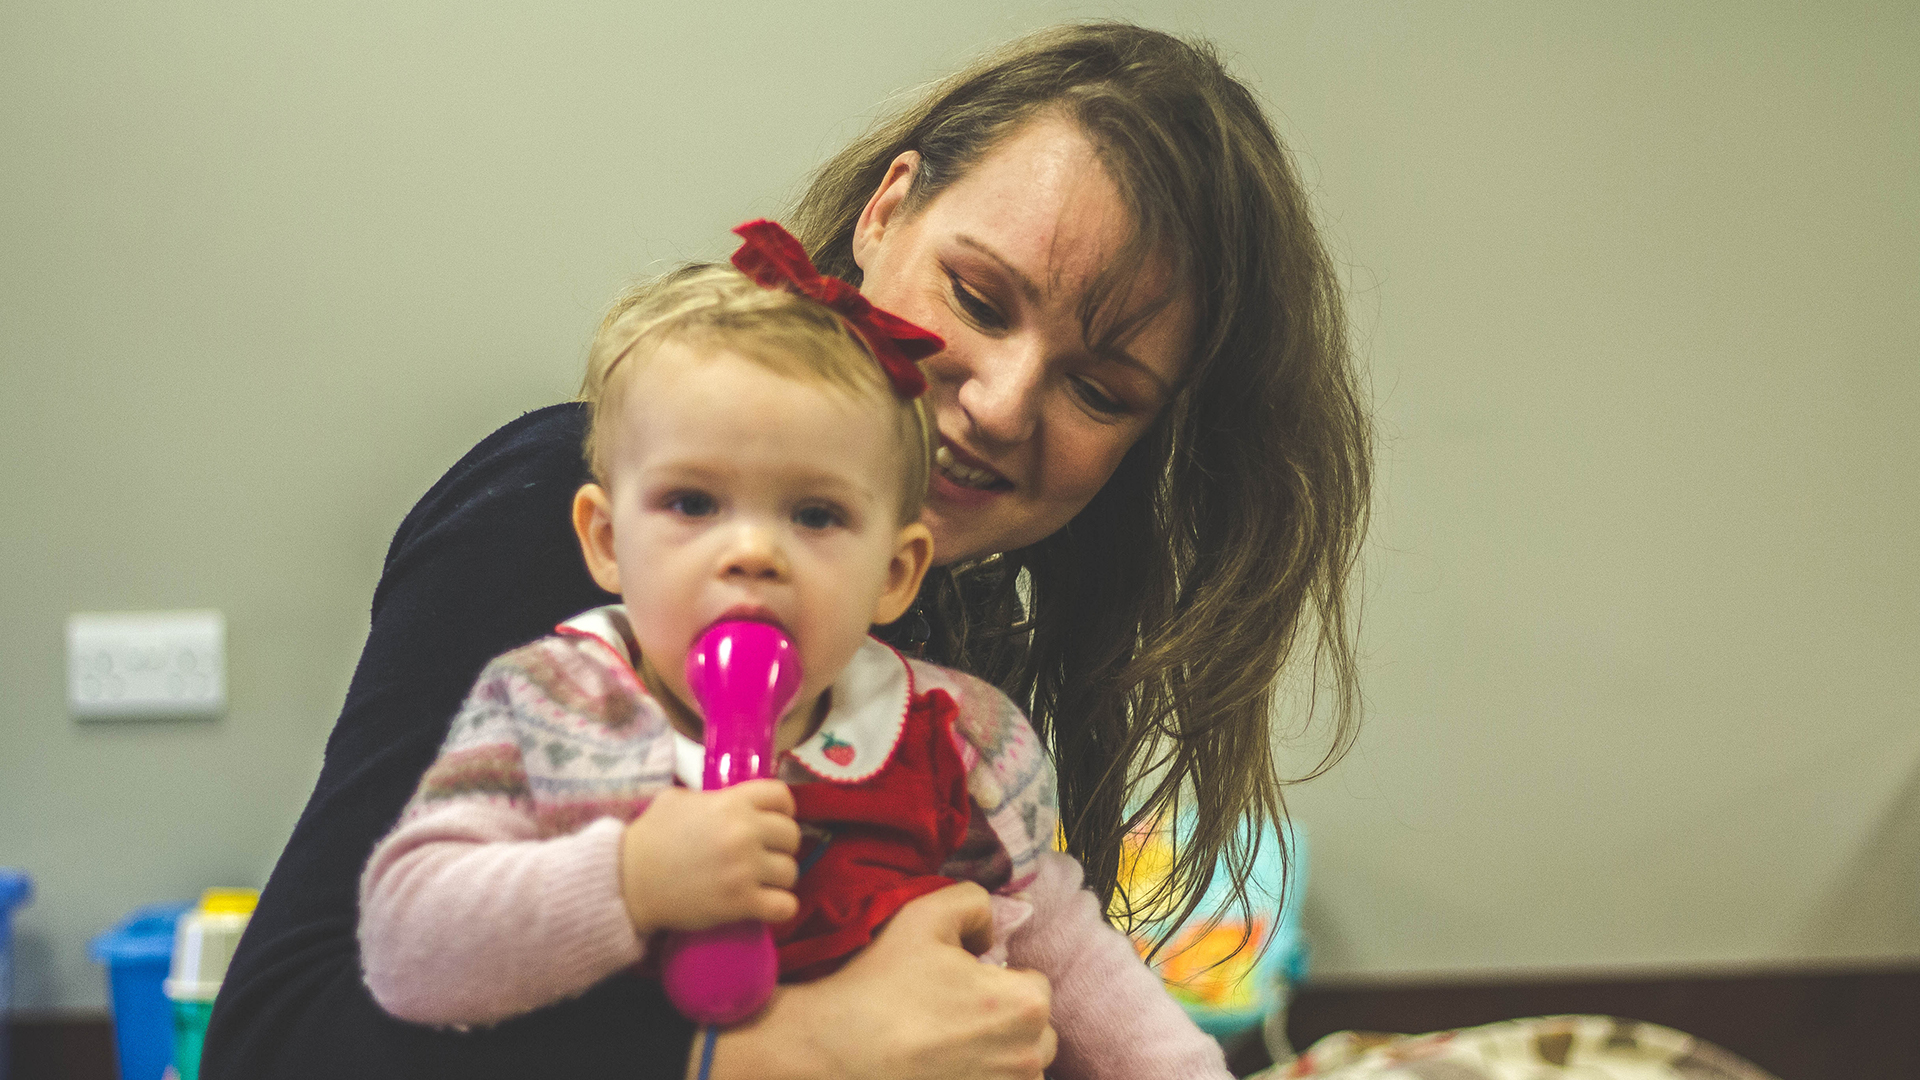 Kids Cara and Child Photo